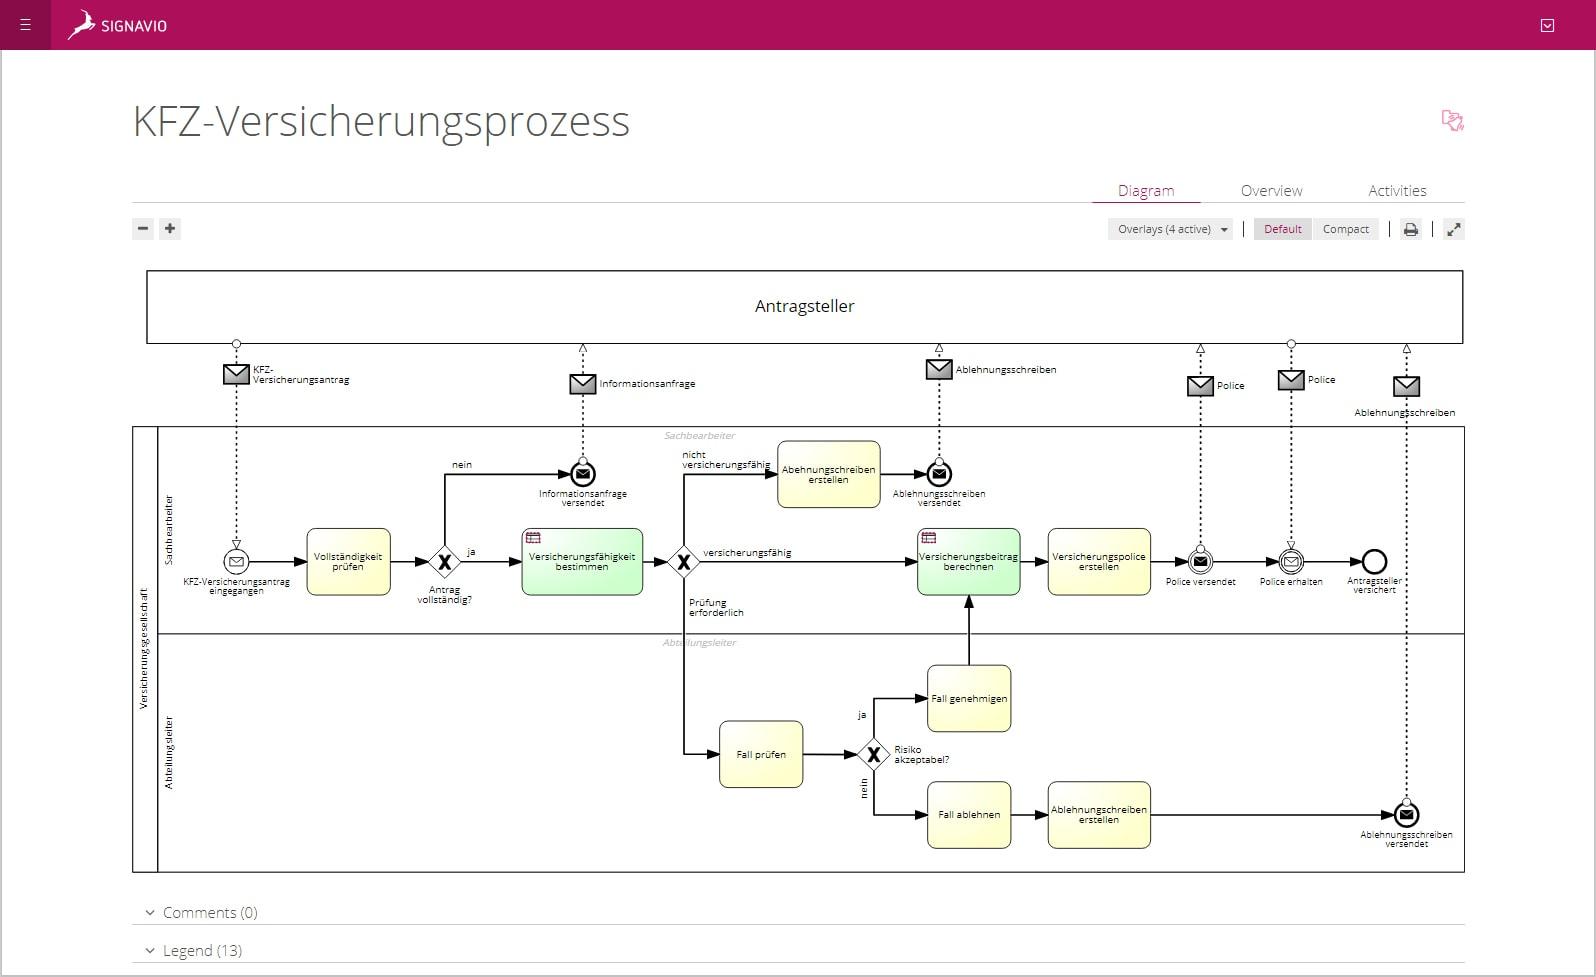 Digitaler Wandel in der Versicherungswirtschaft anhand eines Kfz-Versicherungsprozess-Modells